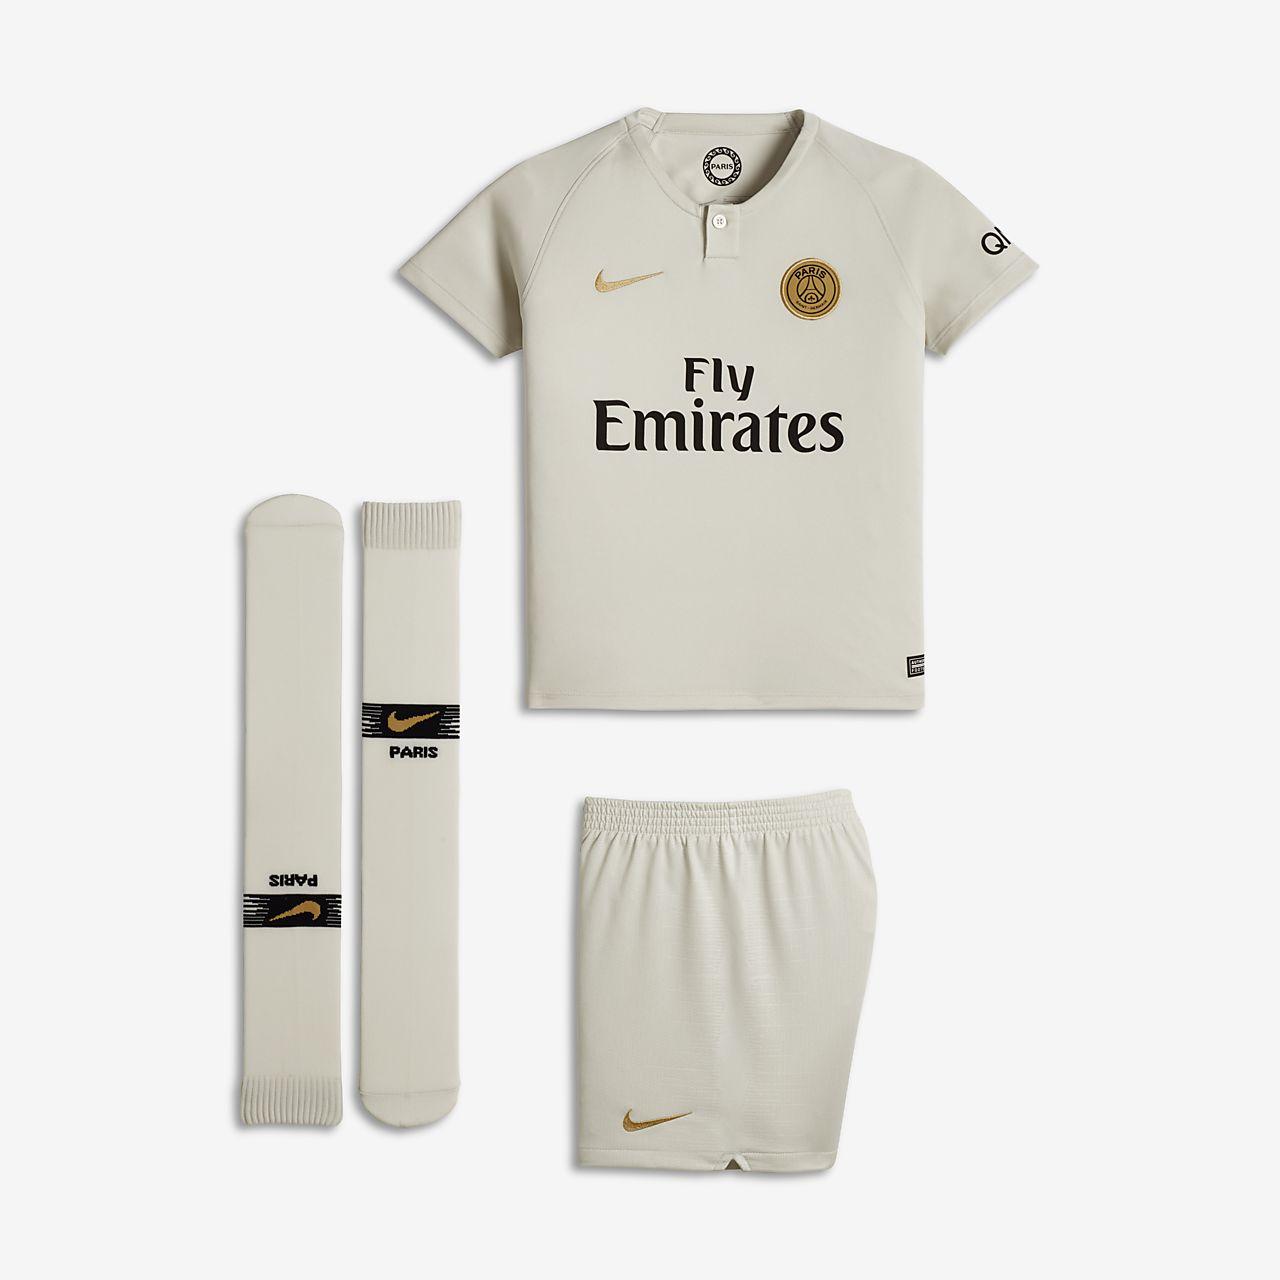 Kit de fútbol de visitante Stadium del Paris Saint-Germain 2018/19 para niños talla pequeña